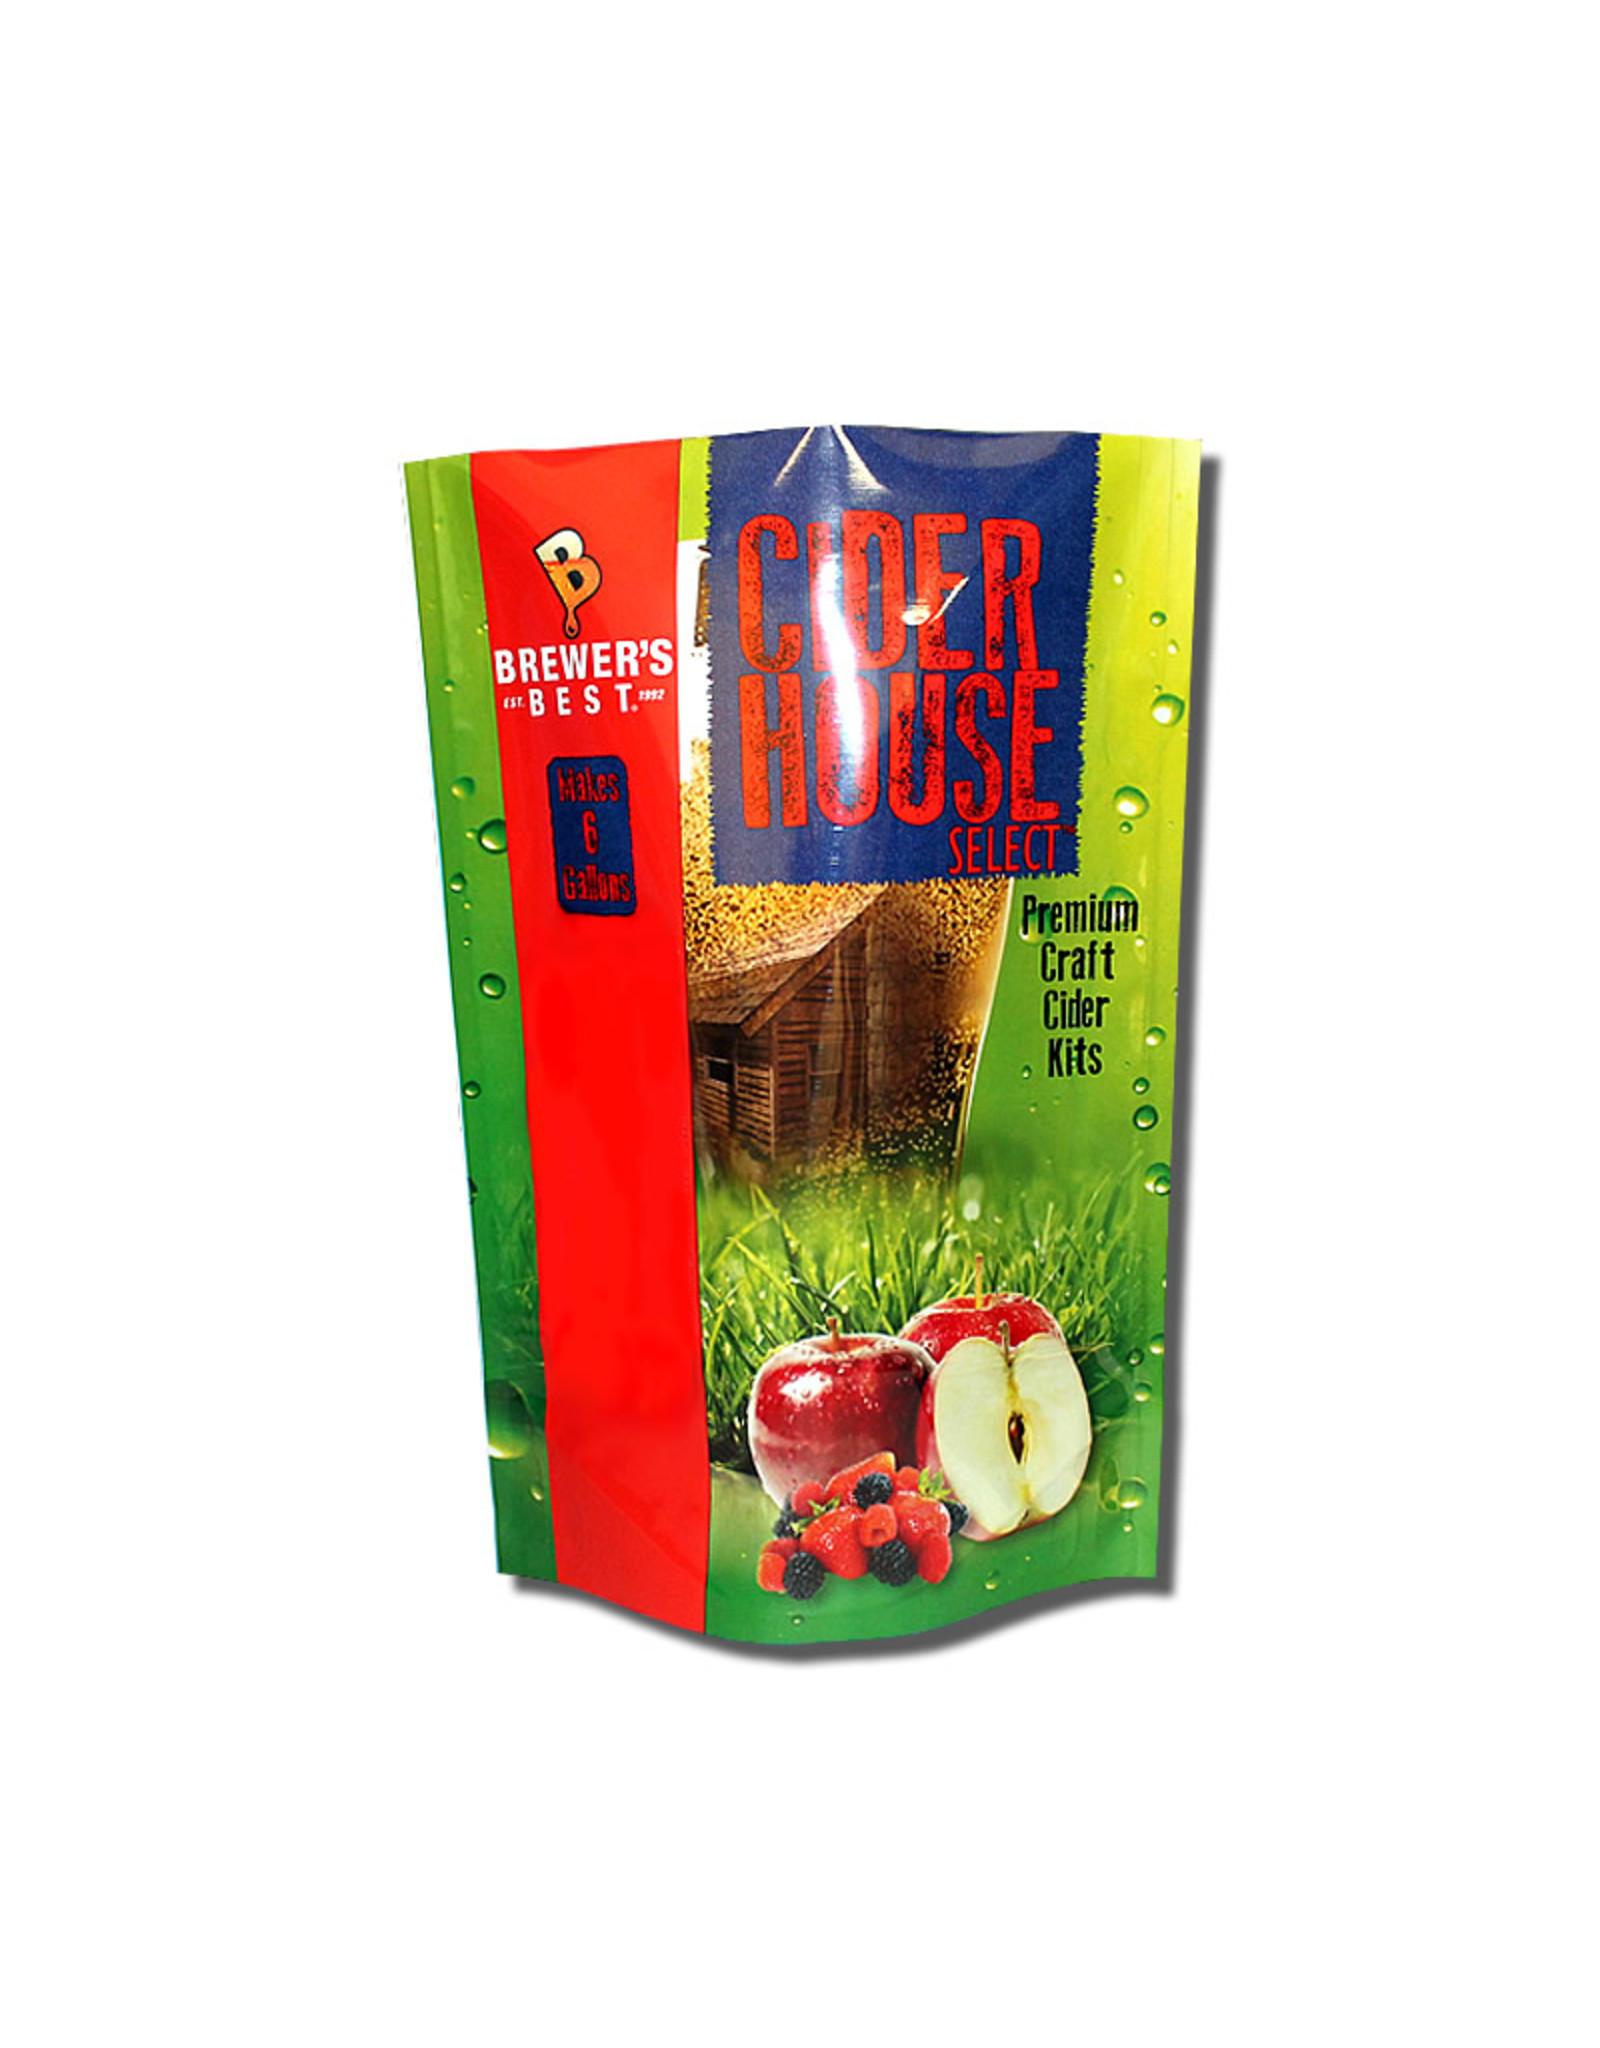 Cider House Select - Apple Cider